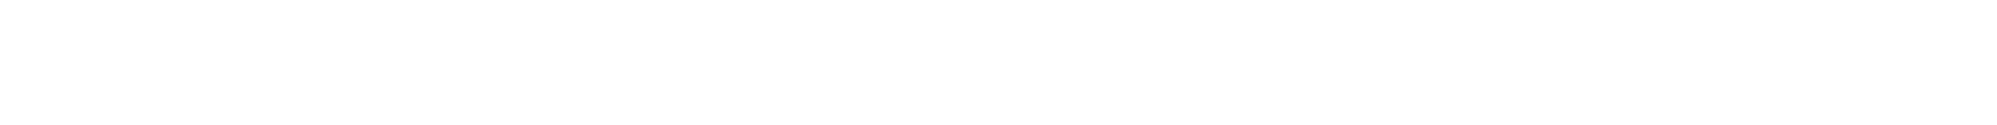 成績Ap 教科書ナビ 公式ホームページ